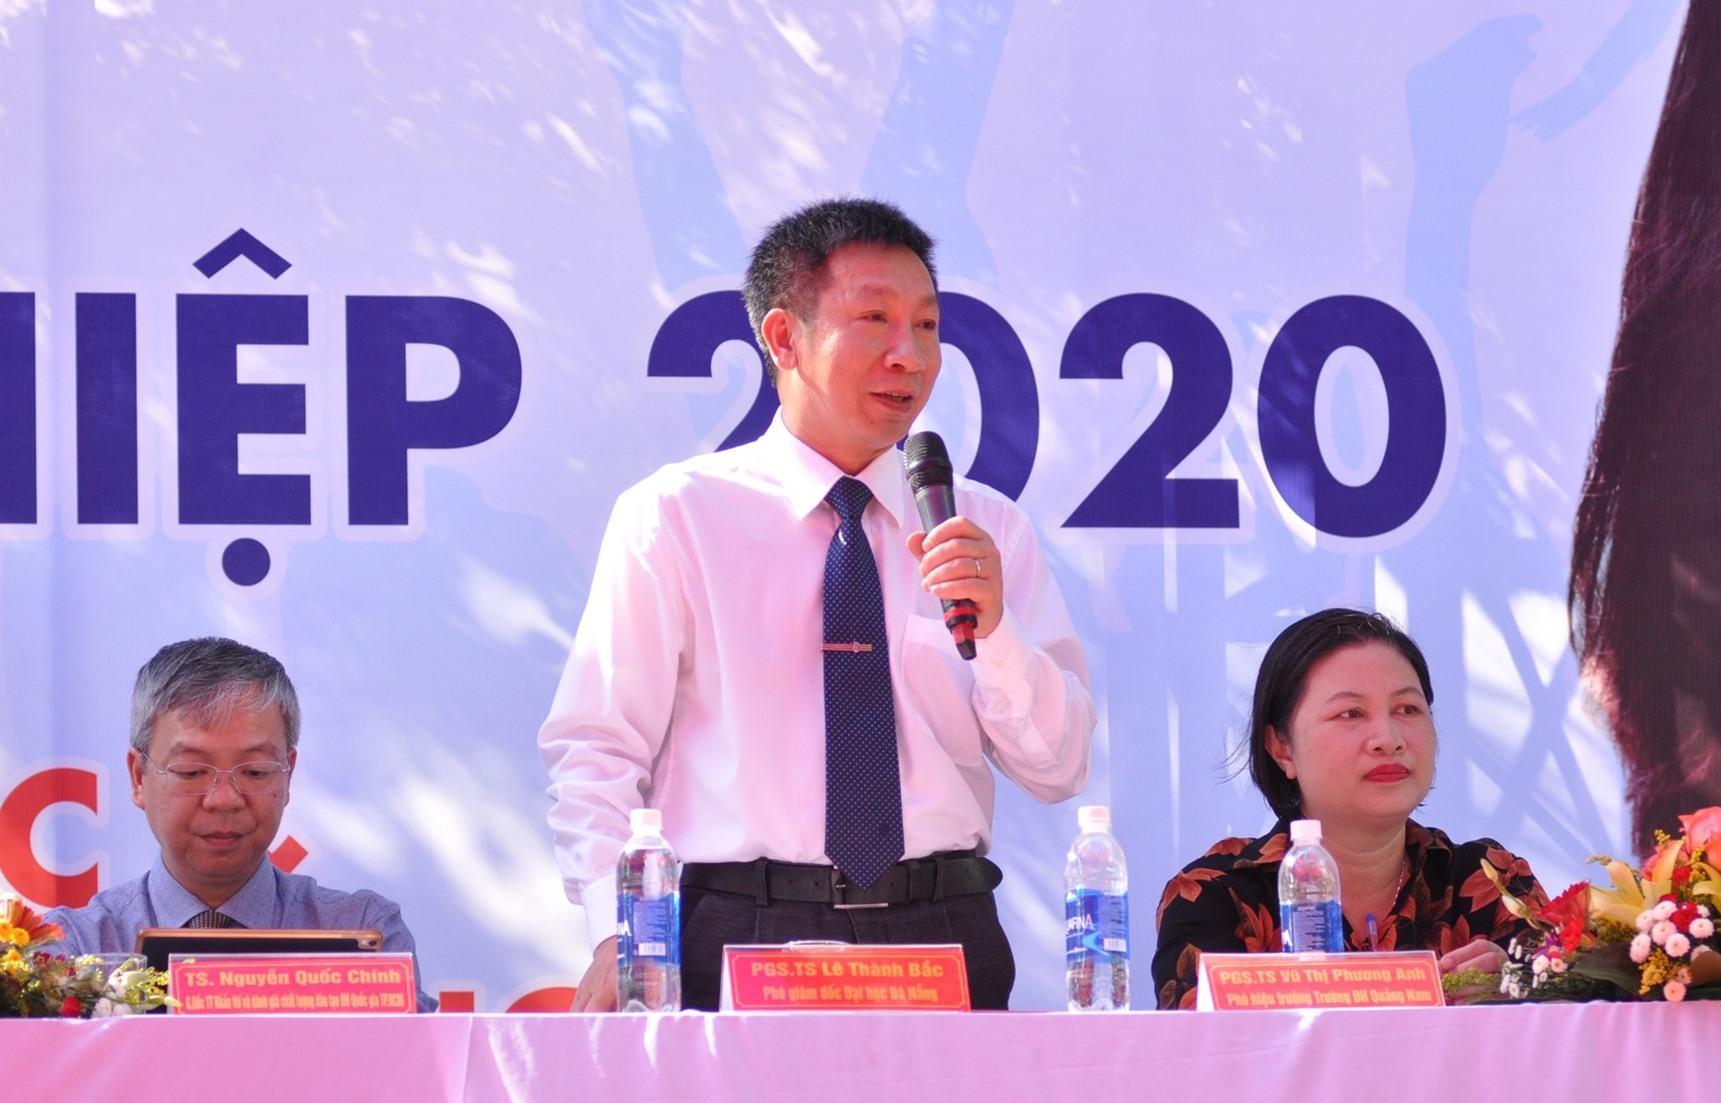 PGS-TS. Lê Thành Bắc - Phó Giám đốc Đại học Đà Nẵng trả lời câu hỏi của HS. Ảnh: X.P